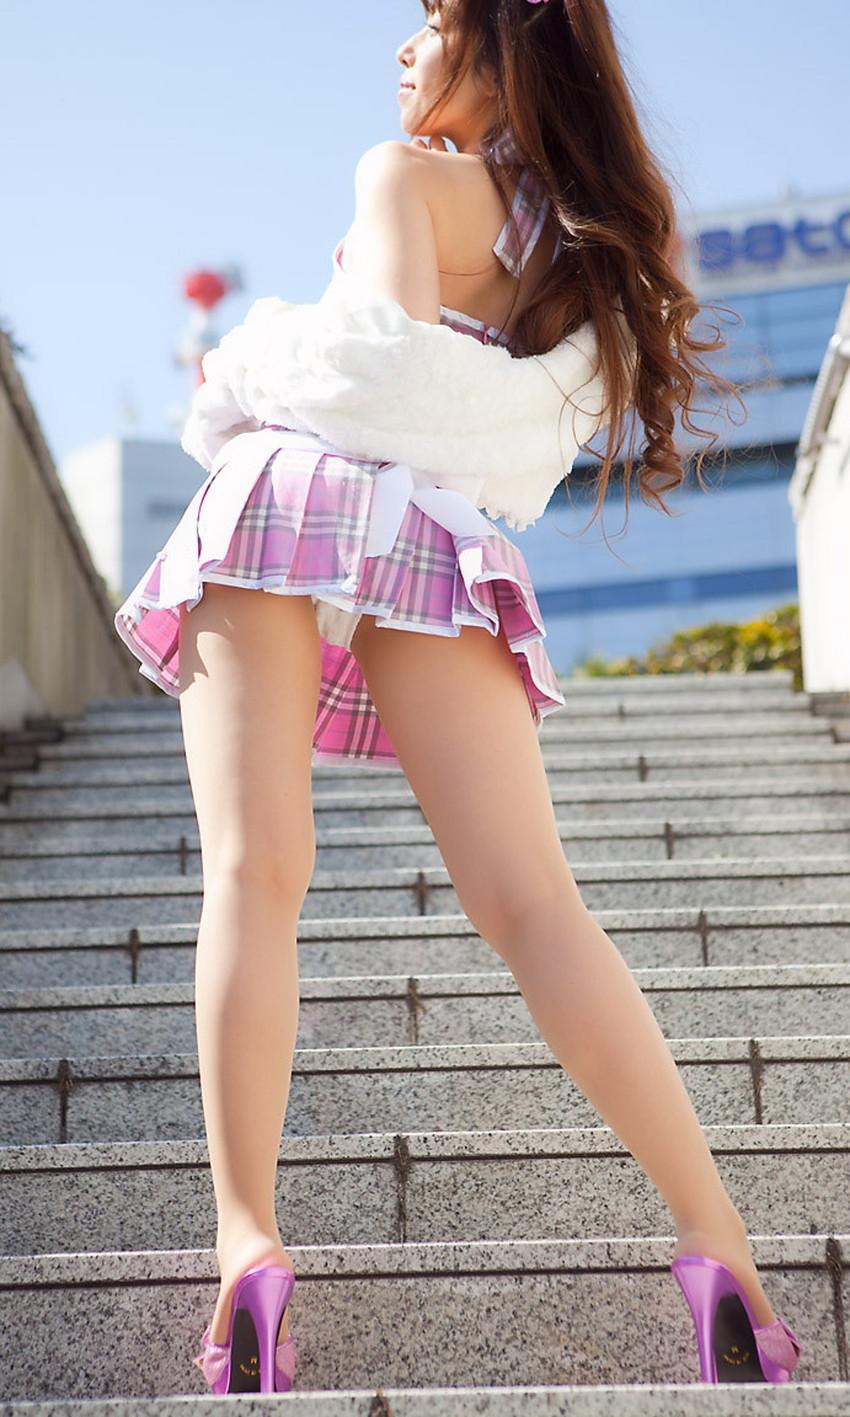 【ミニスカエロ画像】ミニスカ美少女やタイトミニOLの太ももやローアングルパンチラがエロ過ぎるミニスカのエロ画像集!ww【80枚】 64